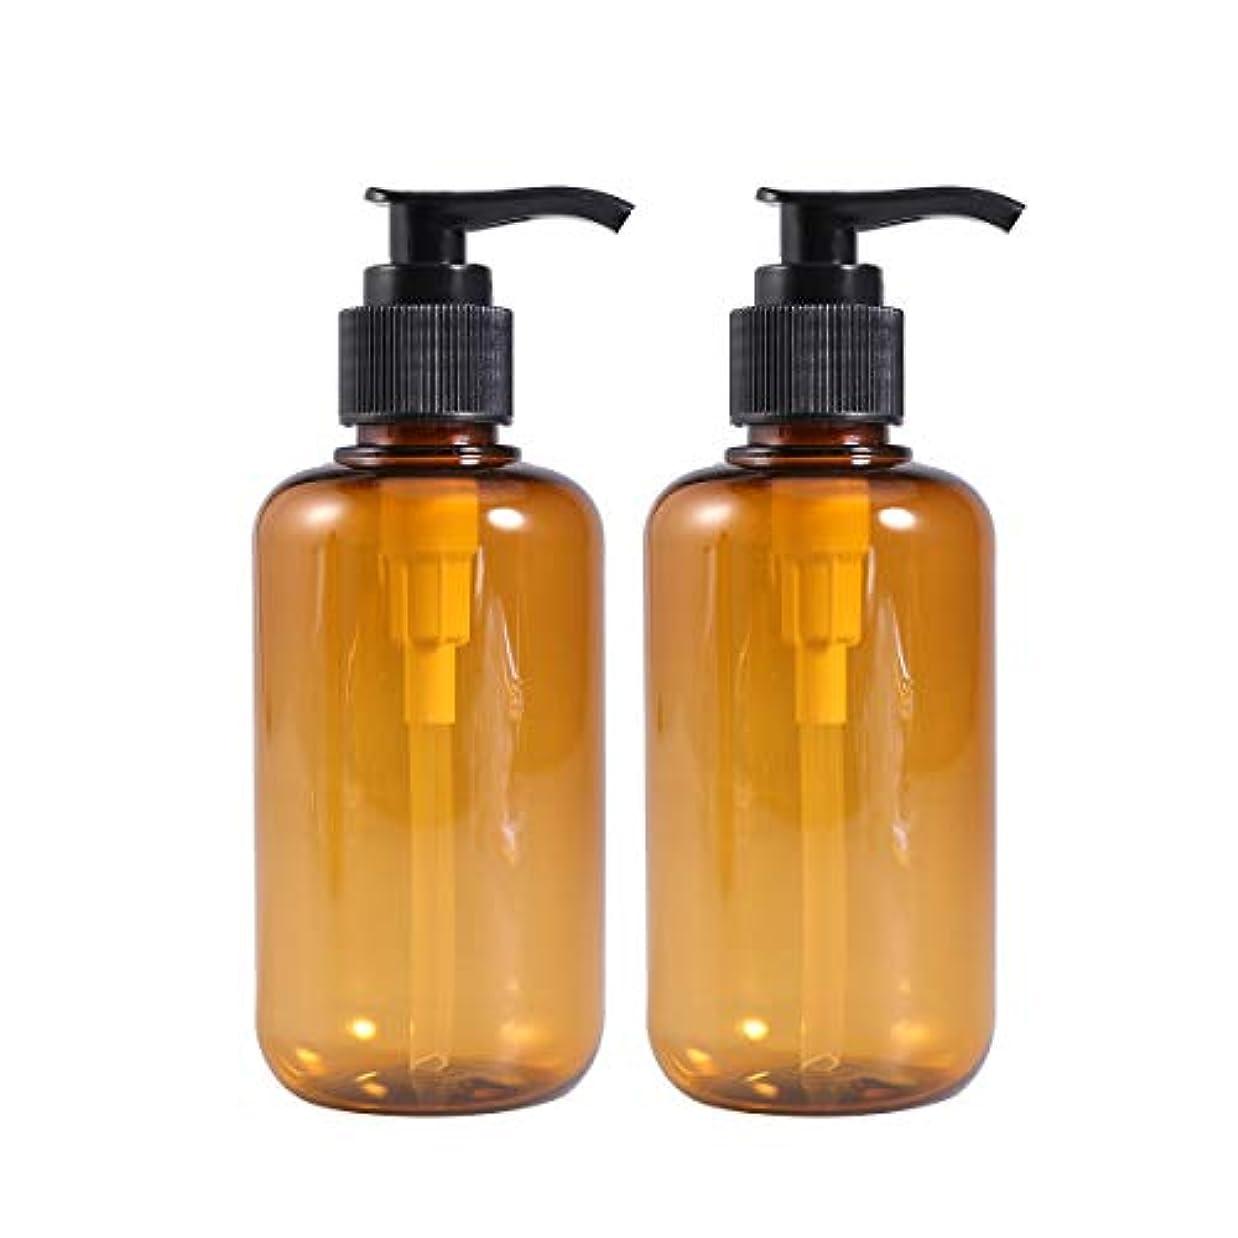 ダウンタウン実験をする最大化するFrcolor ポンプ瓶 ポンプボトル 200ml 遮光瓶 ドロップポンプ 詰め替えボトル シャンプーハンドソープ 茶色 PET製 2本セット